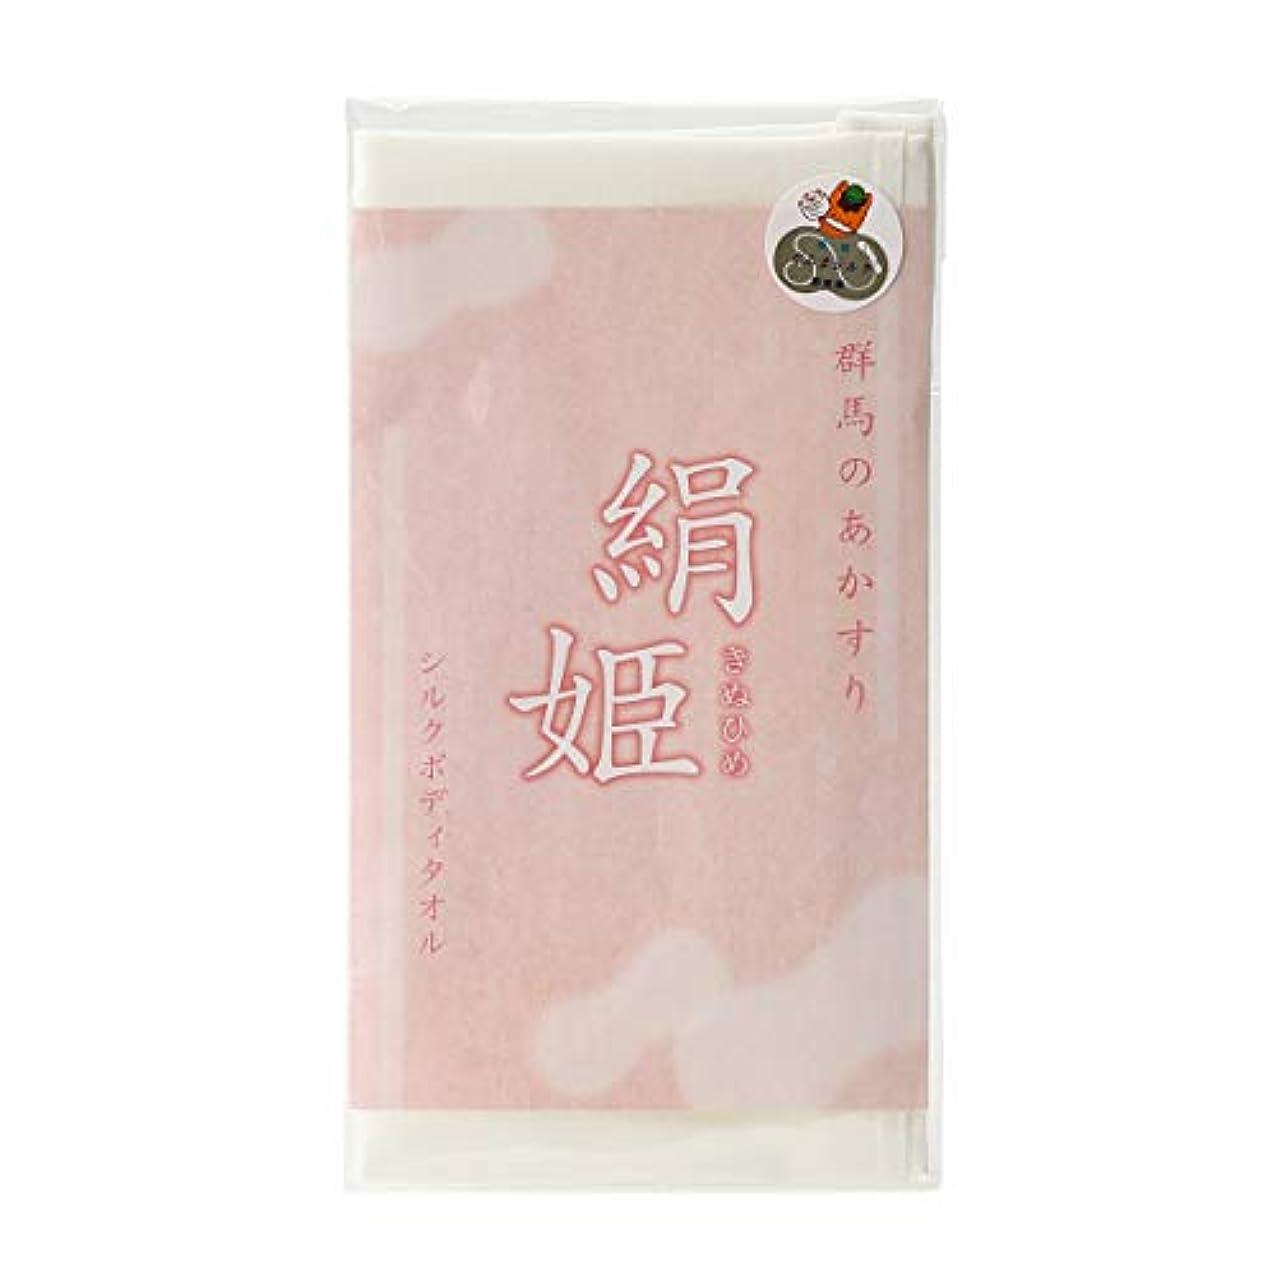 分類模索腹部[ハッピーシルク ] 絹姫 (きぬひめ) 【訳あり】【アウトレット】ボディータオル シルクあかすり